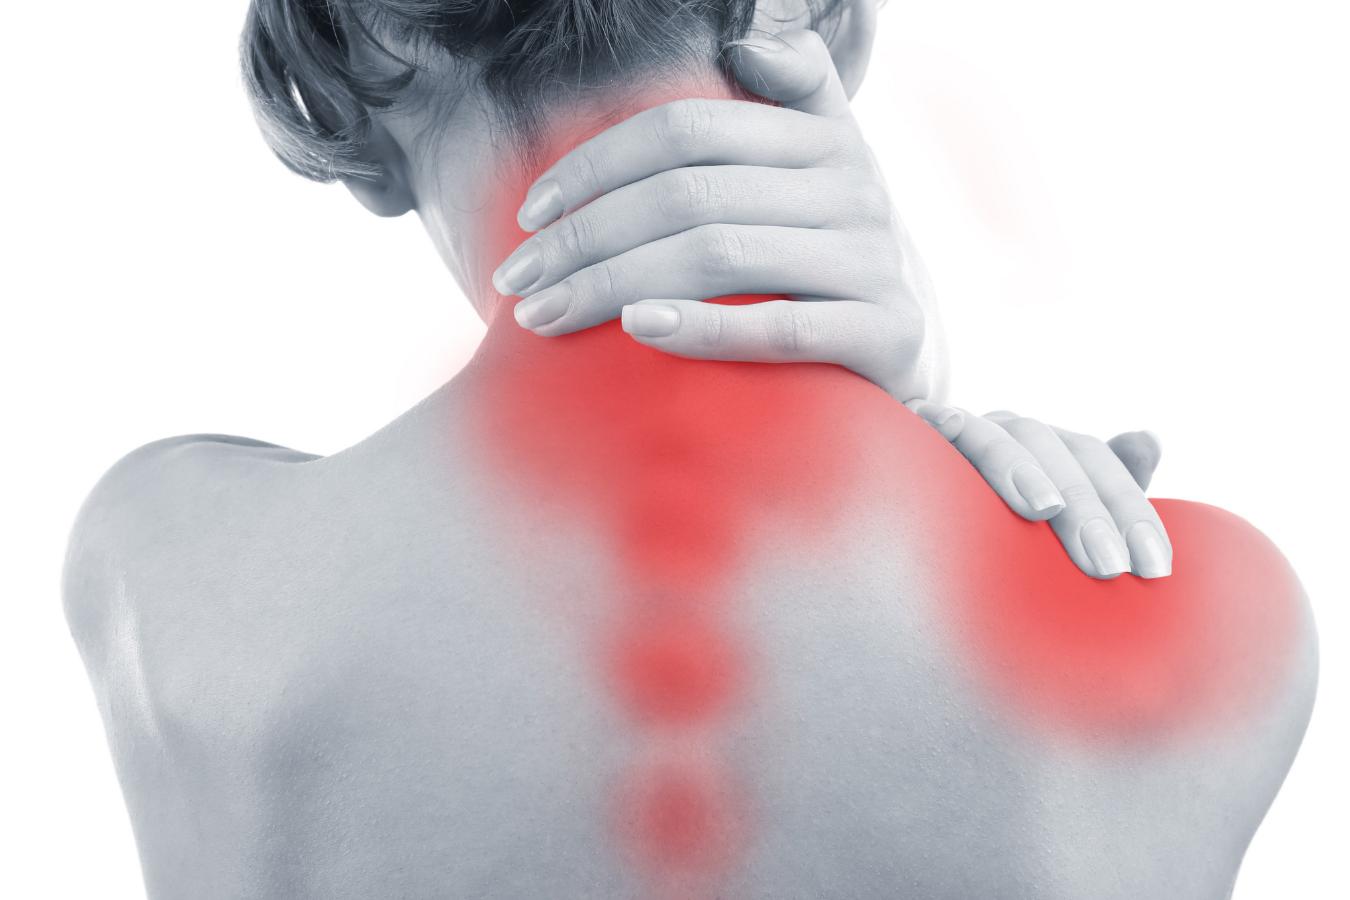 medicamente pentru simptomele osteochondrozei cervicale)